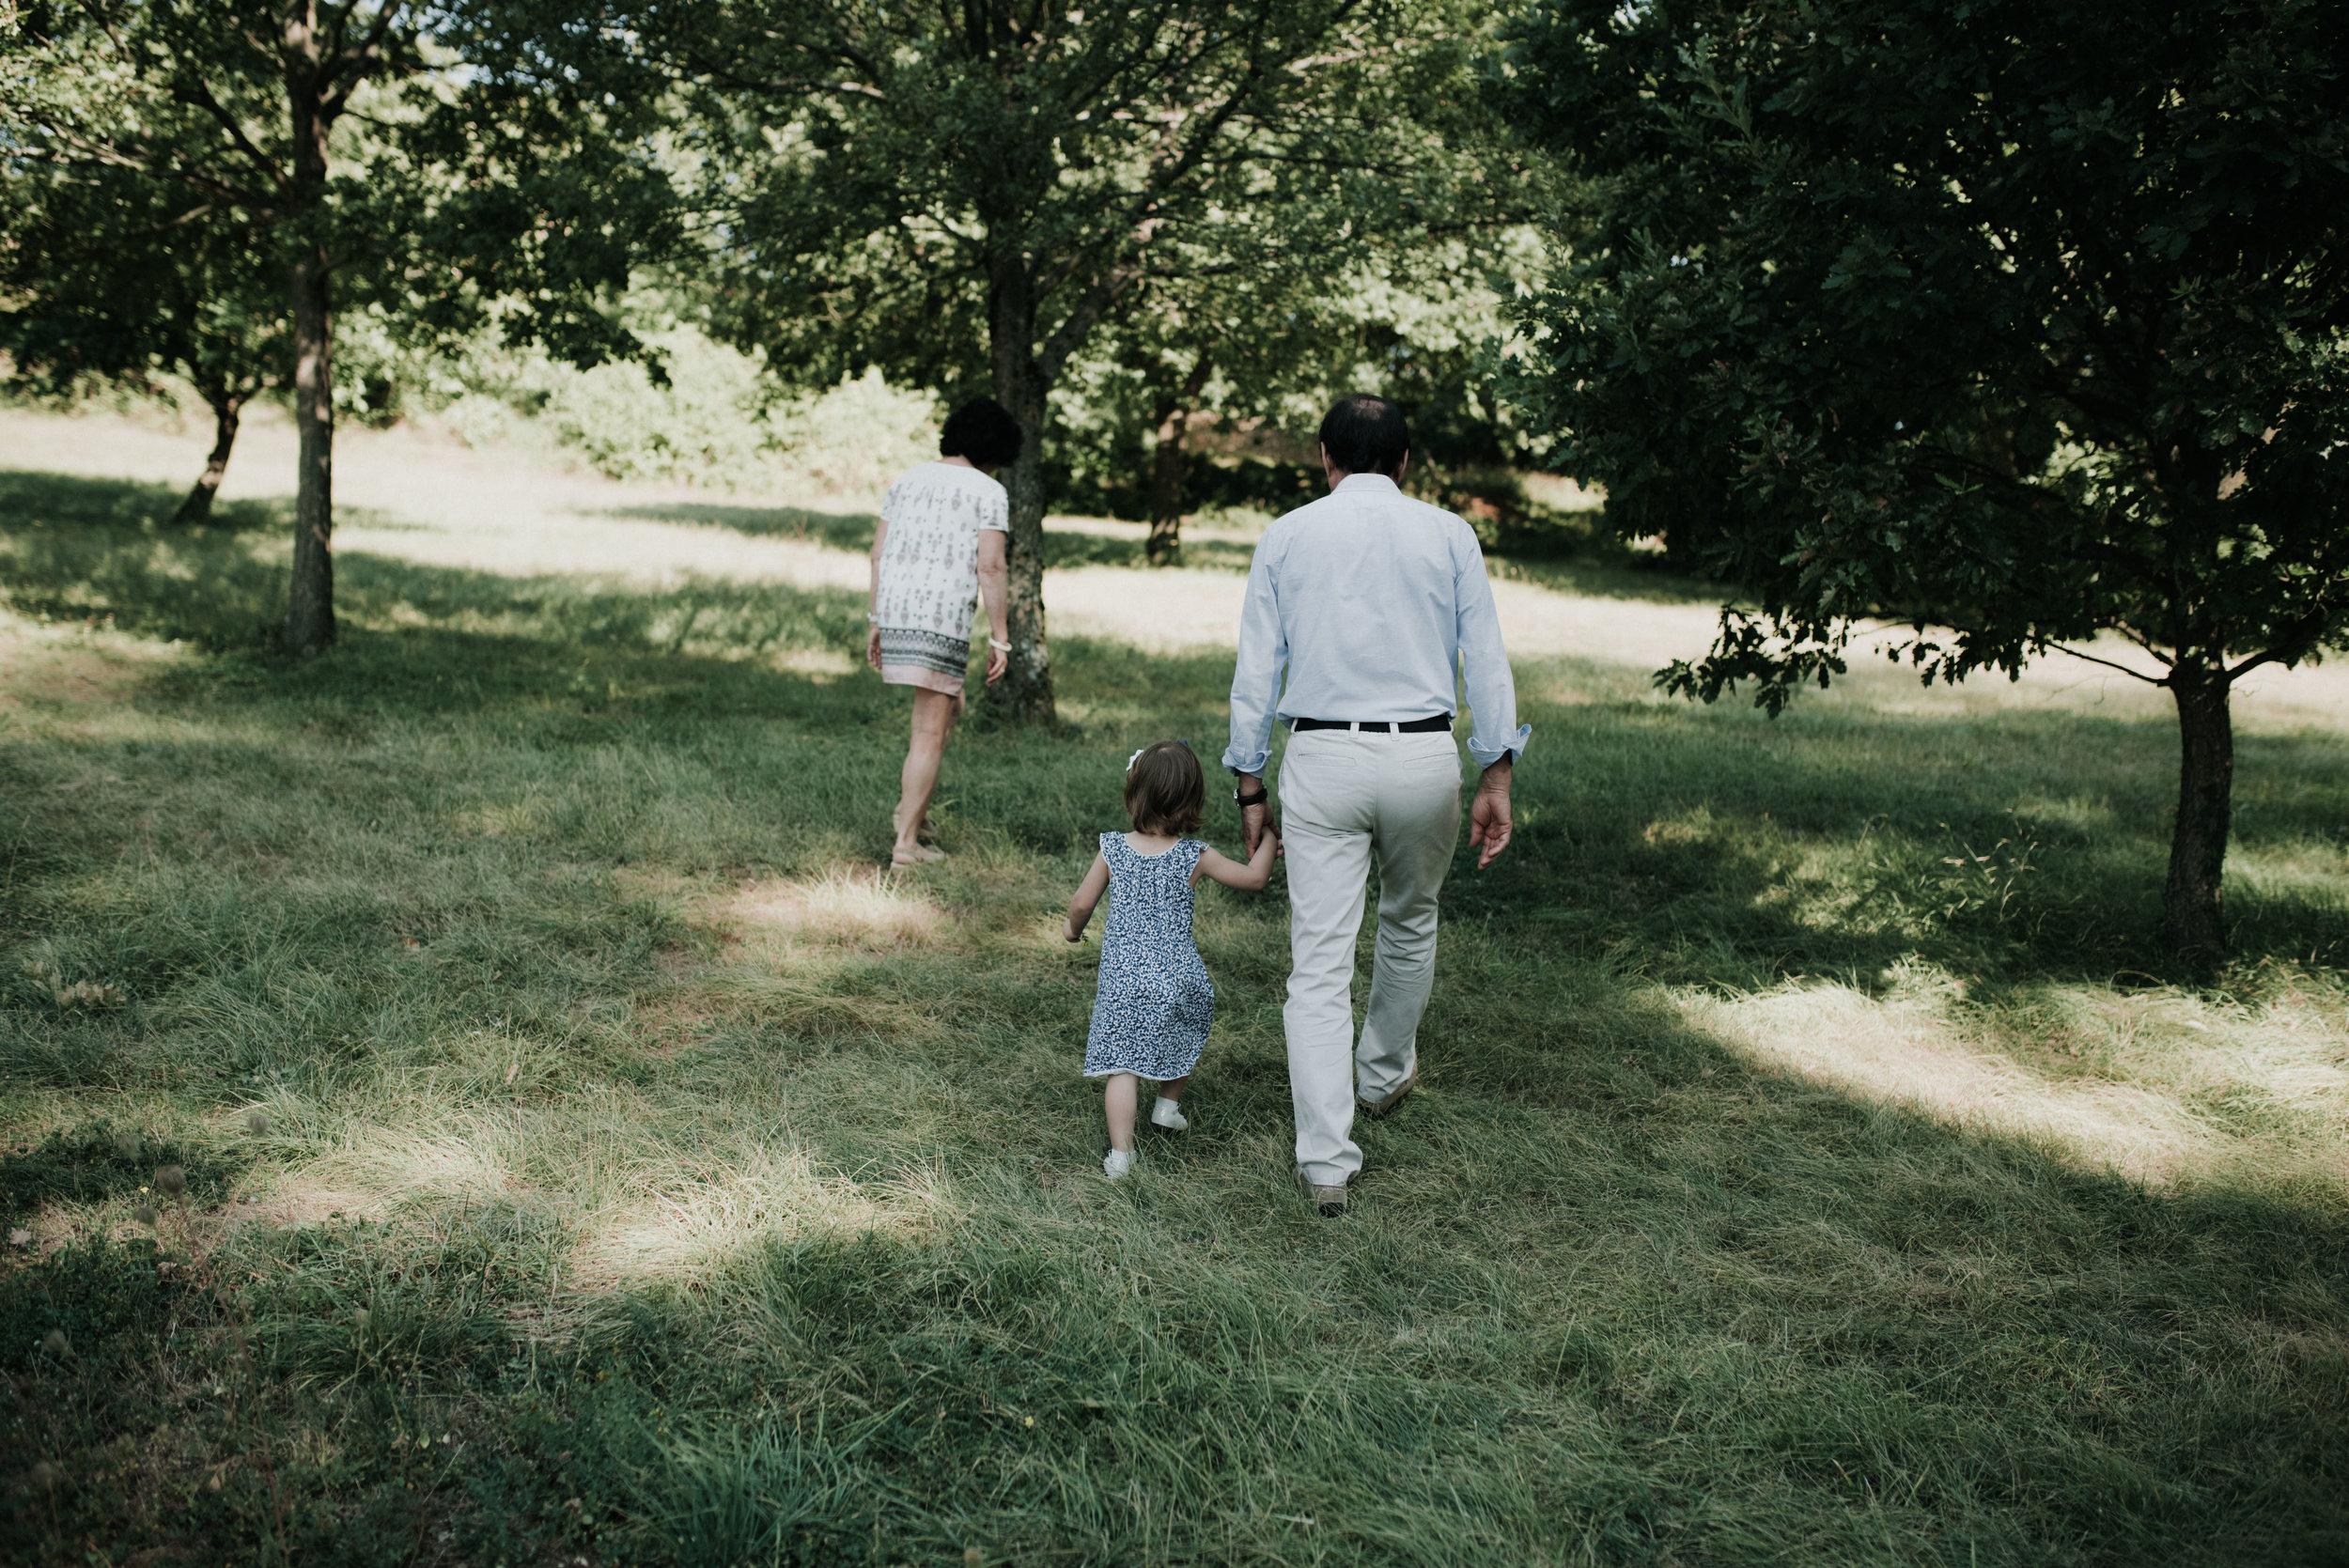 Léa-Fery-photographe-professionnel-lyon-rhone-alpes-portrait-creation-mariage-evenement-evenementiel-famille-4582.jpg